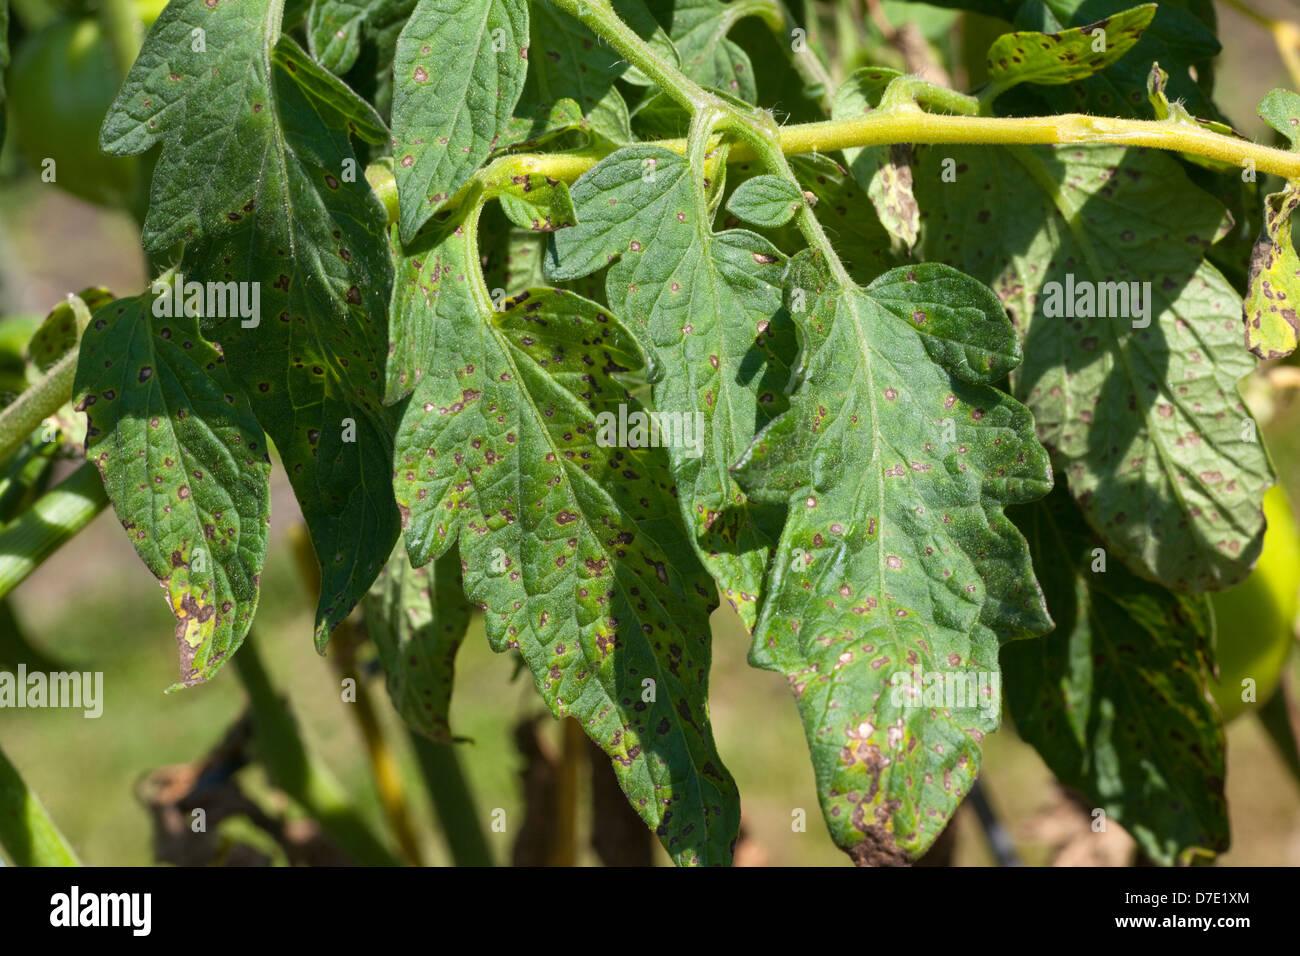 Tomato Disease, Septoria Leaf Spot Stock Photo: 56242556 - Alamy